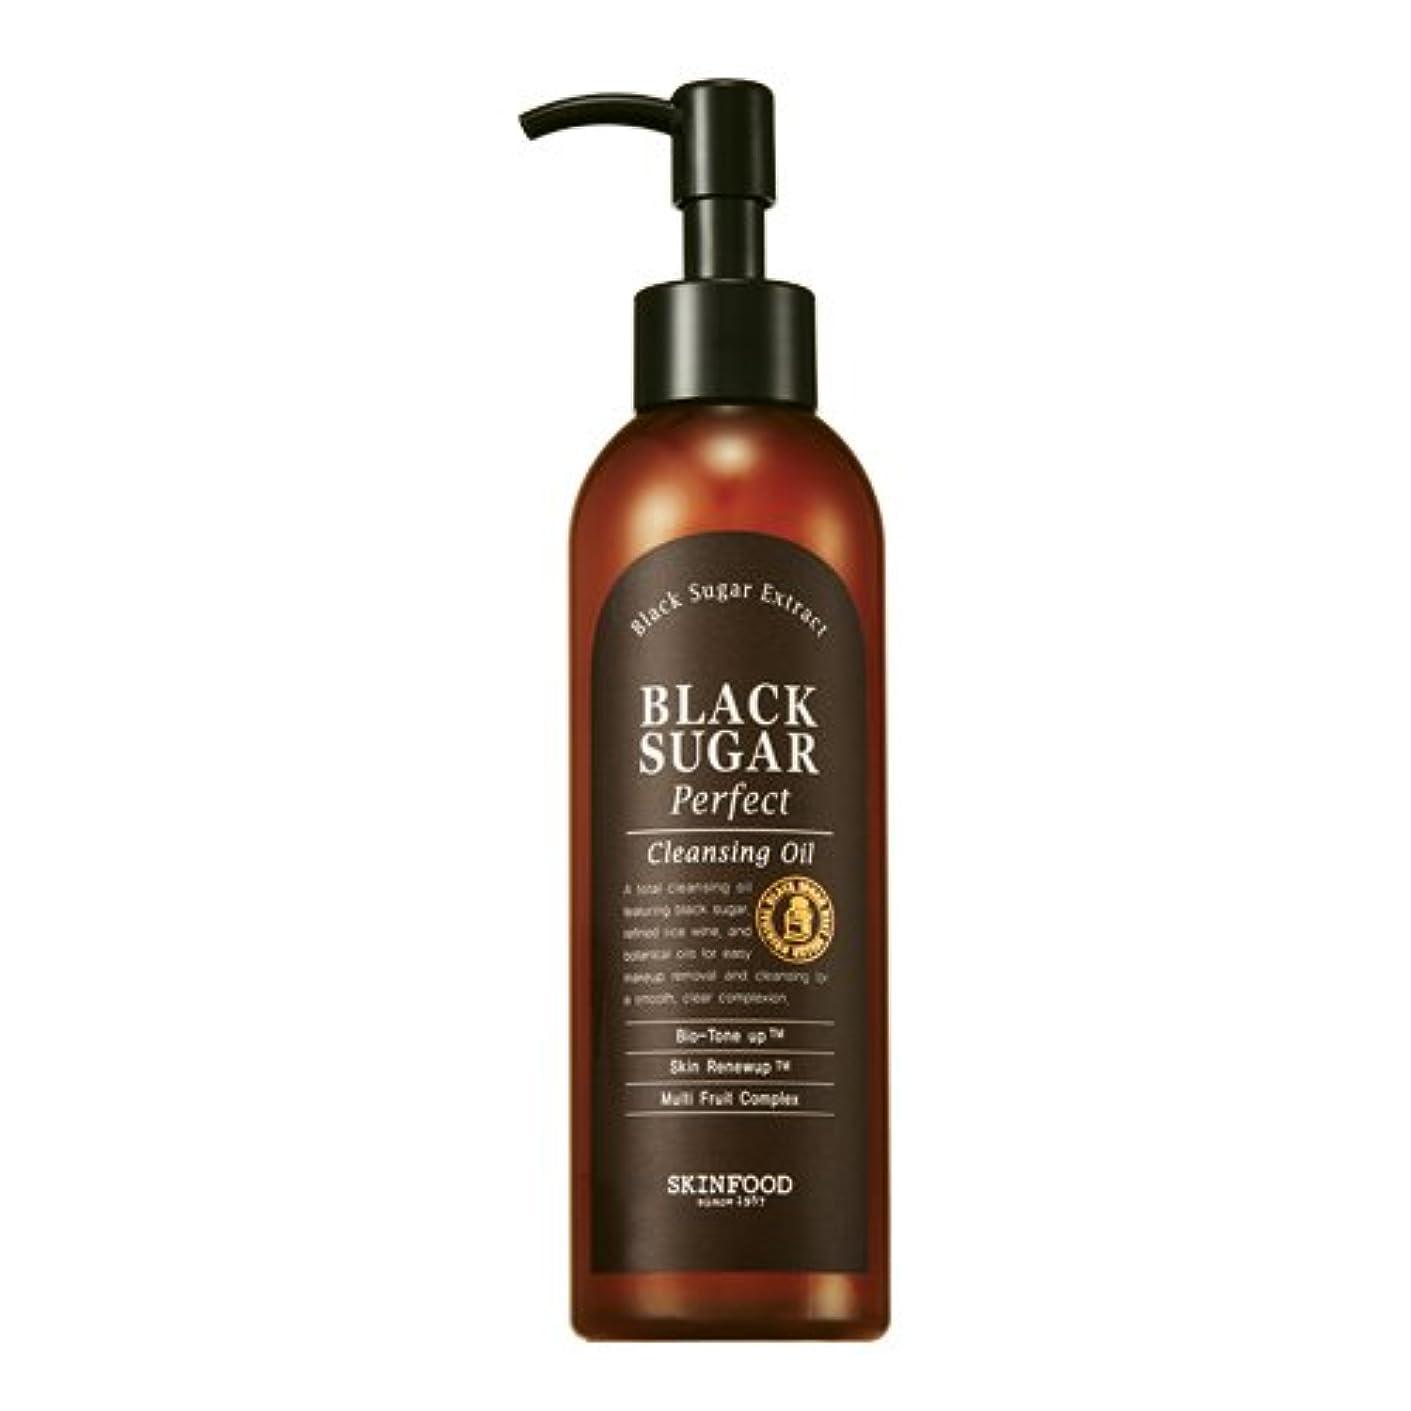 検出器カッターご意見Skinfood/Black Sugar Perfect Cleansing Oil/ブラックシュガーパーフェクトクレンジングオイル/200ml [並行輸入品]